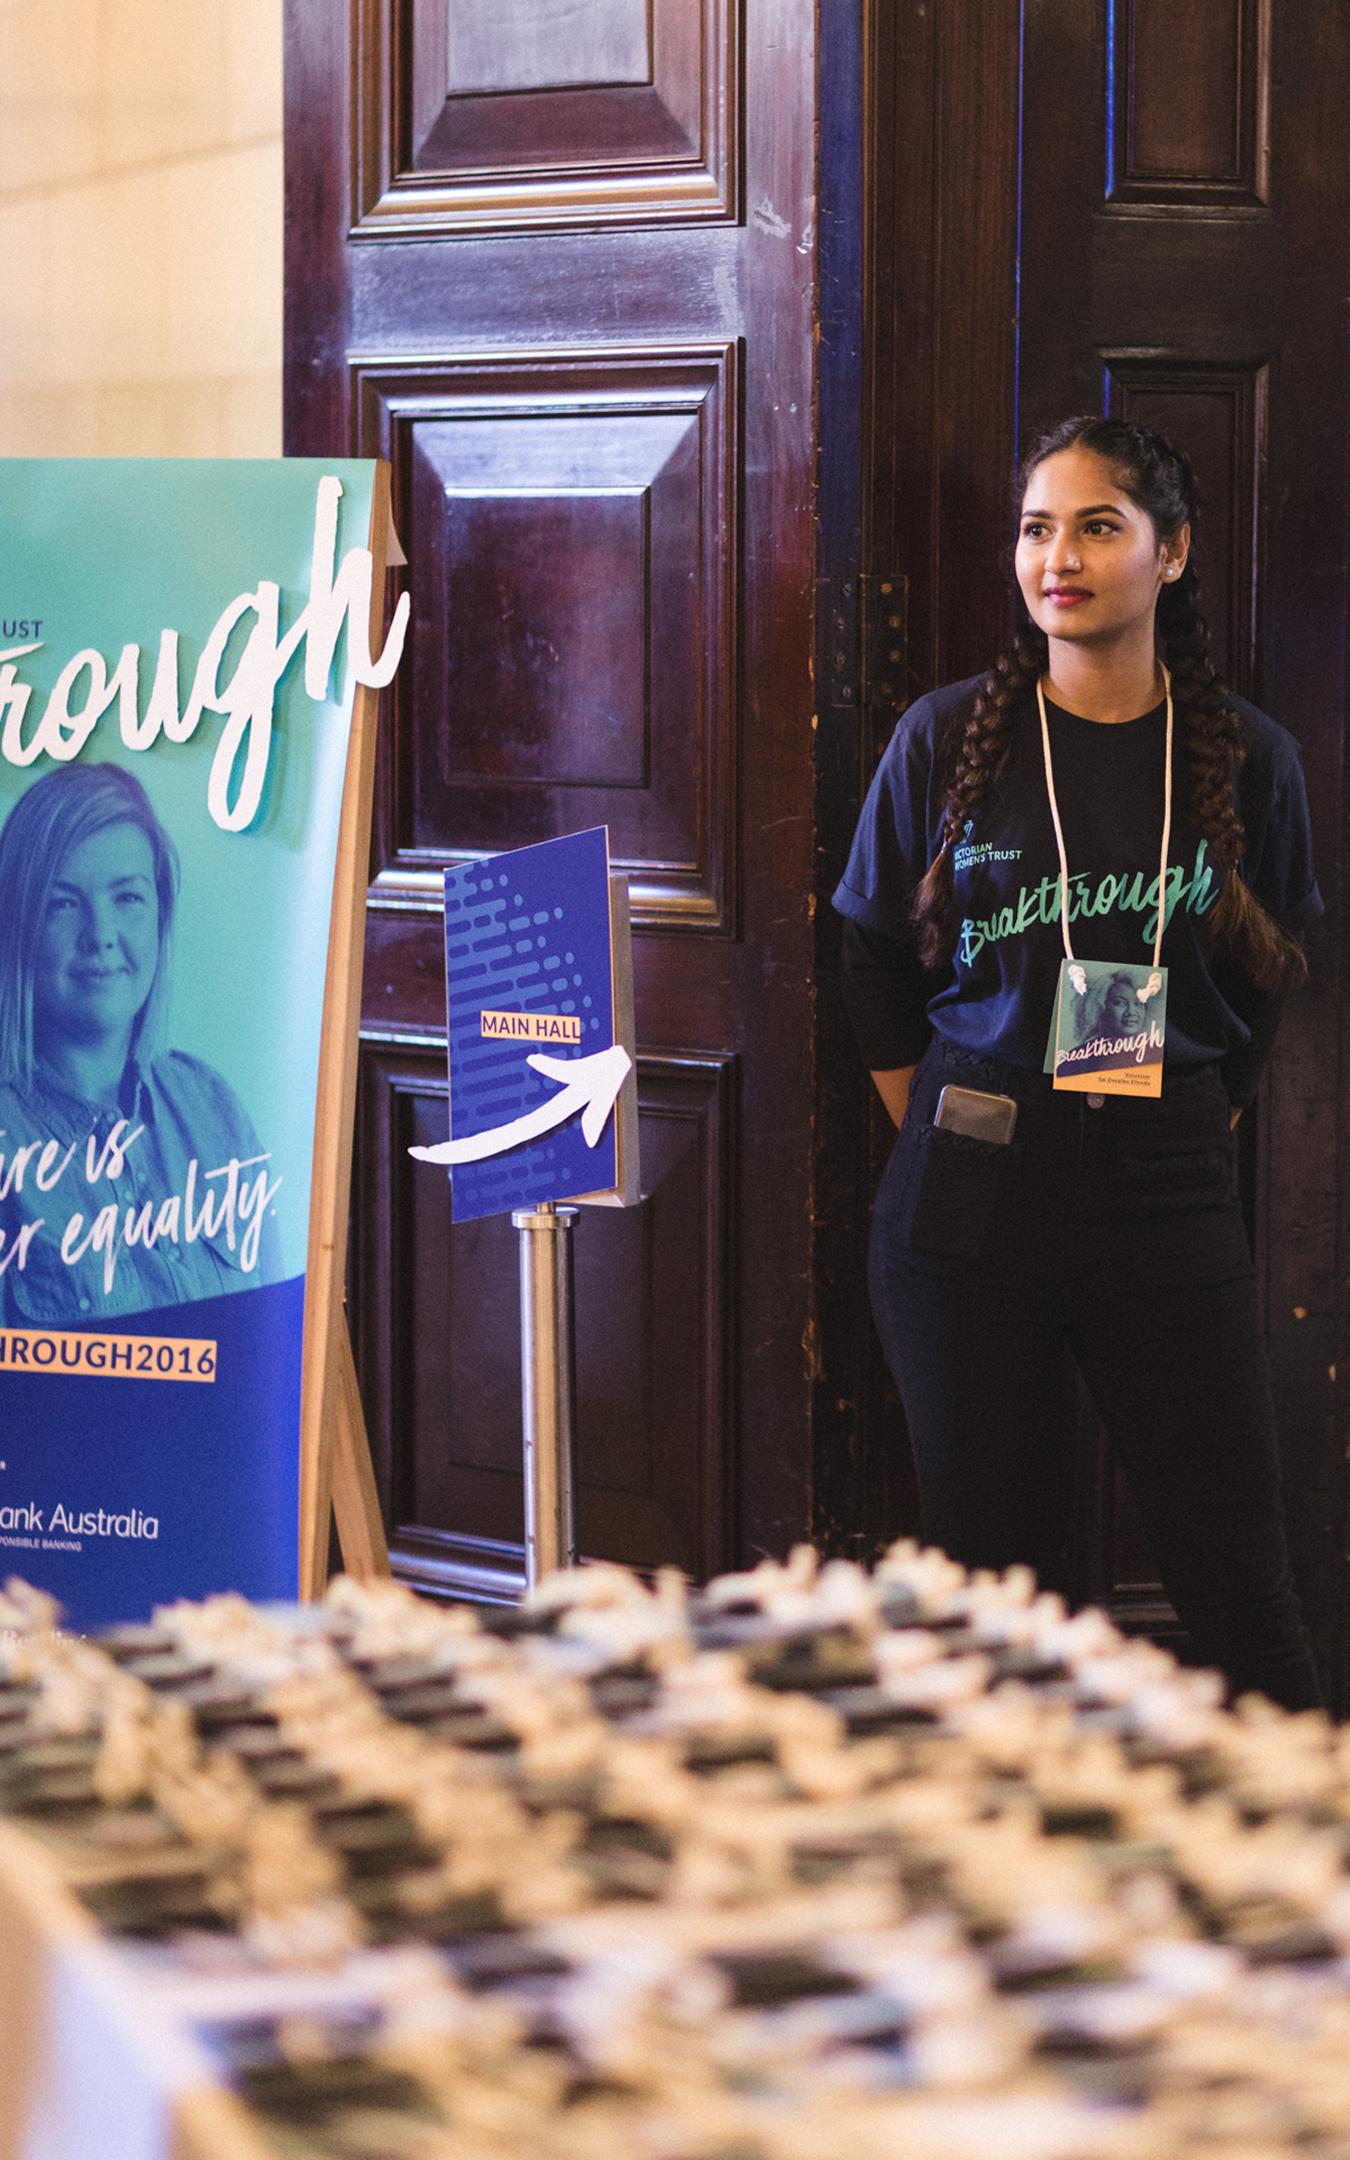 Volunteer at registration